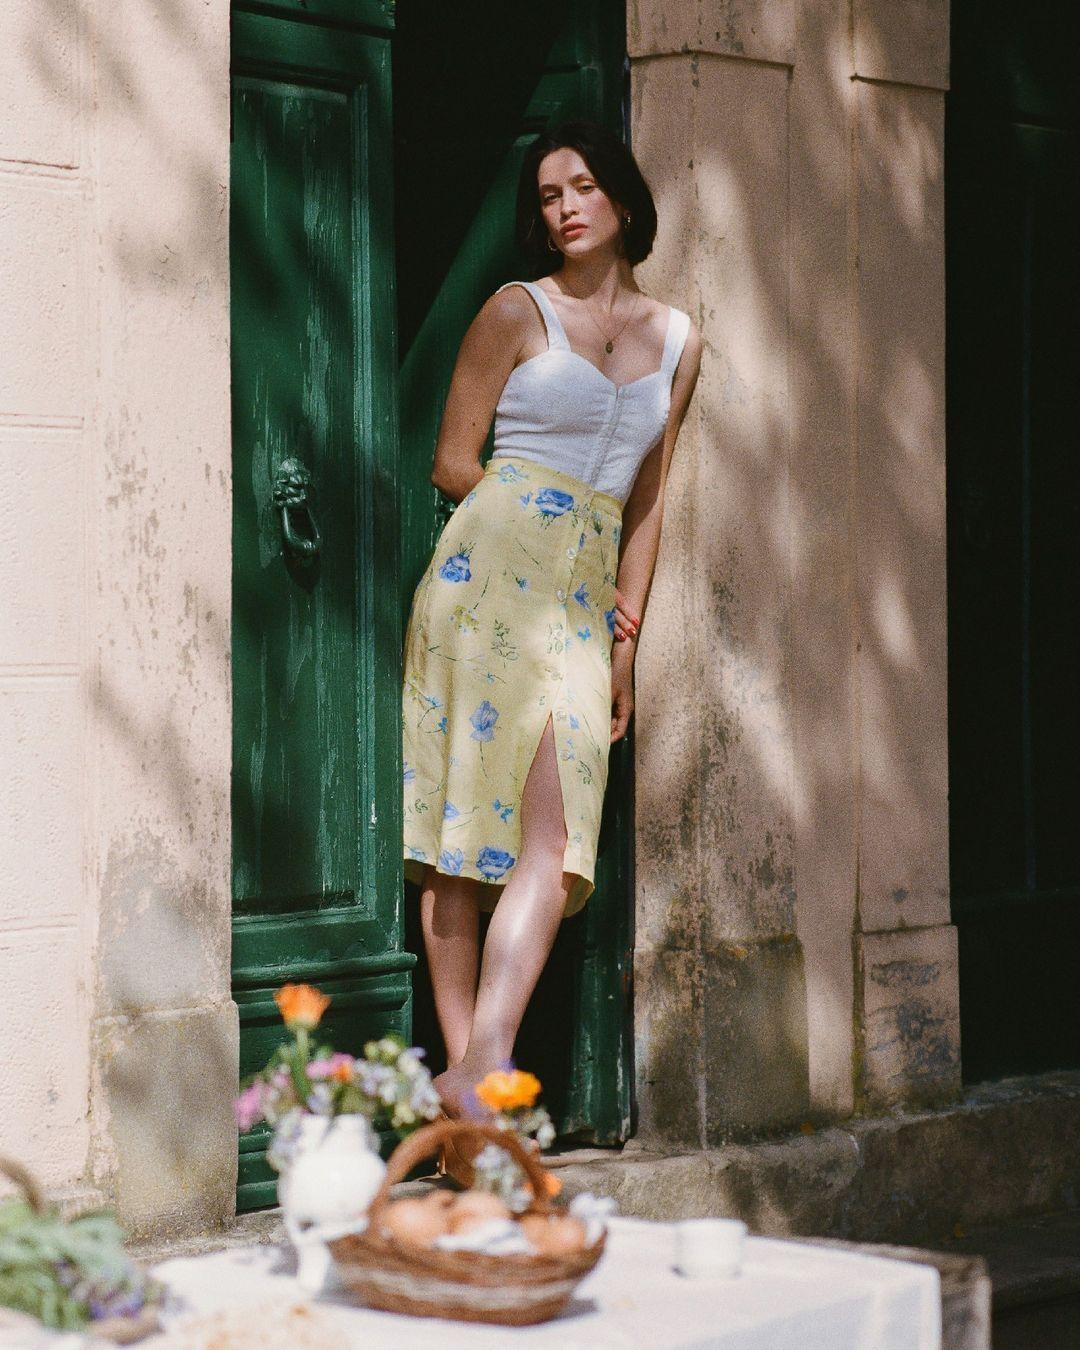 Khác với gái Hàn, phụ nữ Pháp diện chân váy dài trông nổi bật hơn hẳn nhưng vẫn sang ngút ngàn - Ảnh 3.